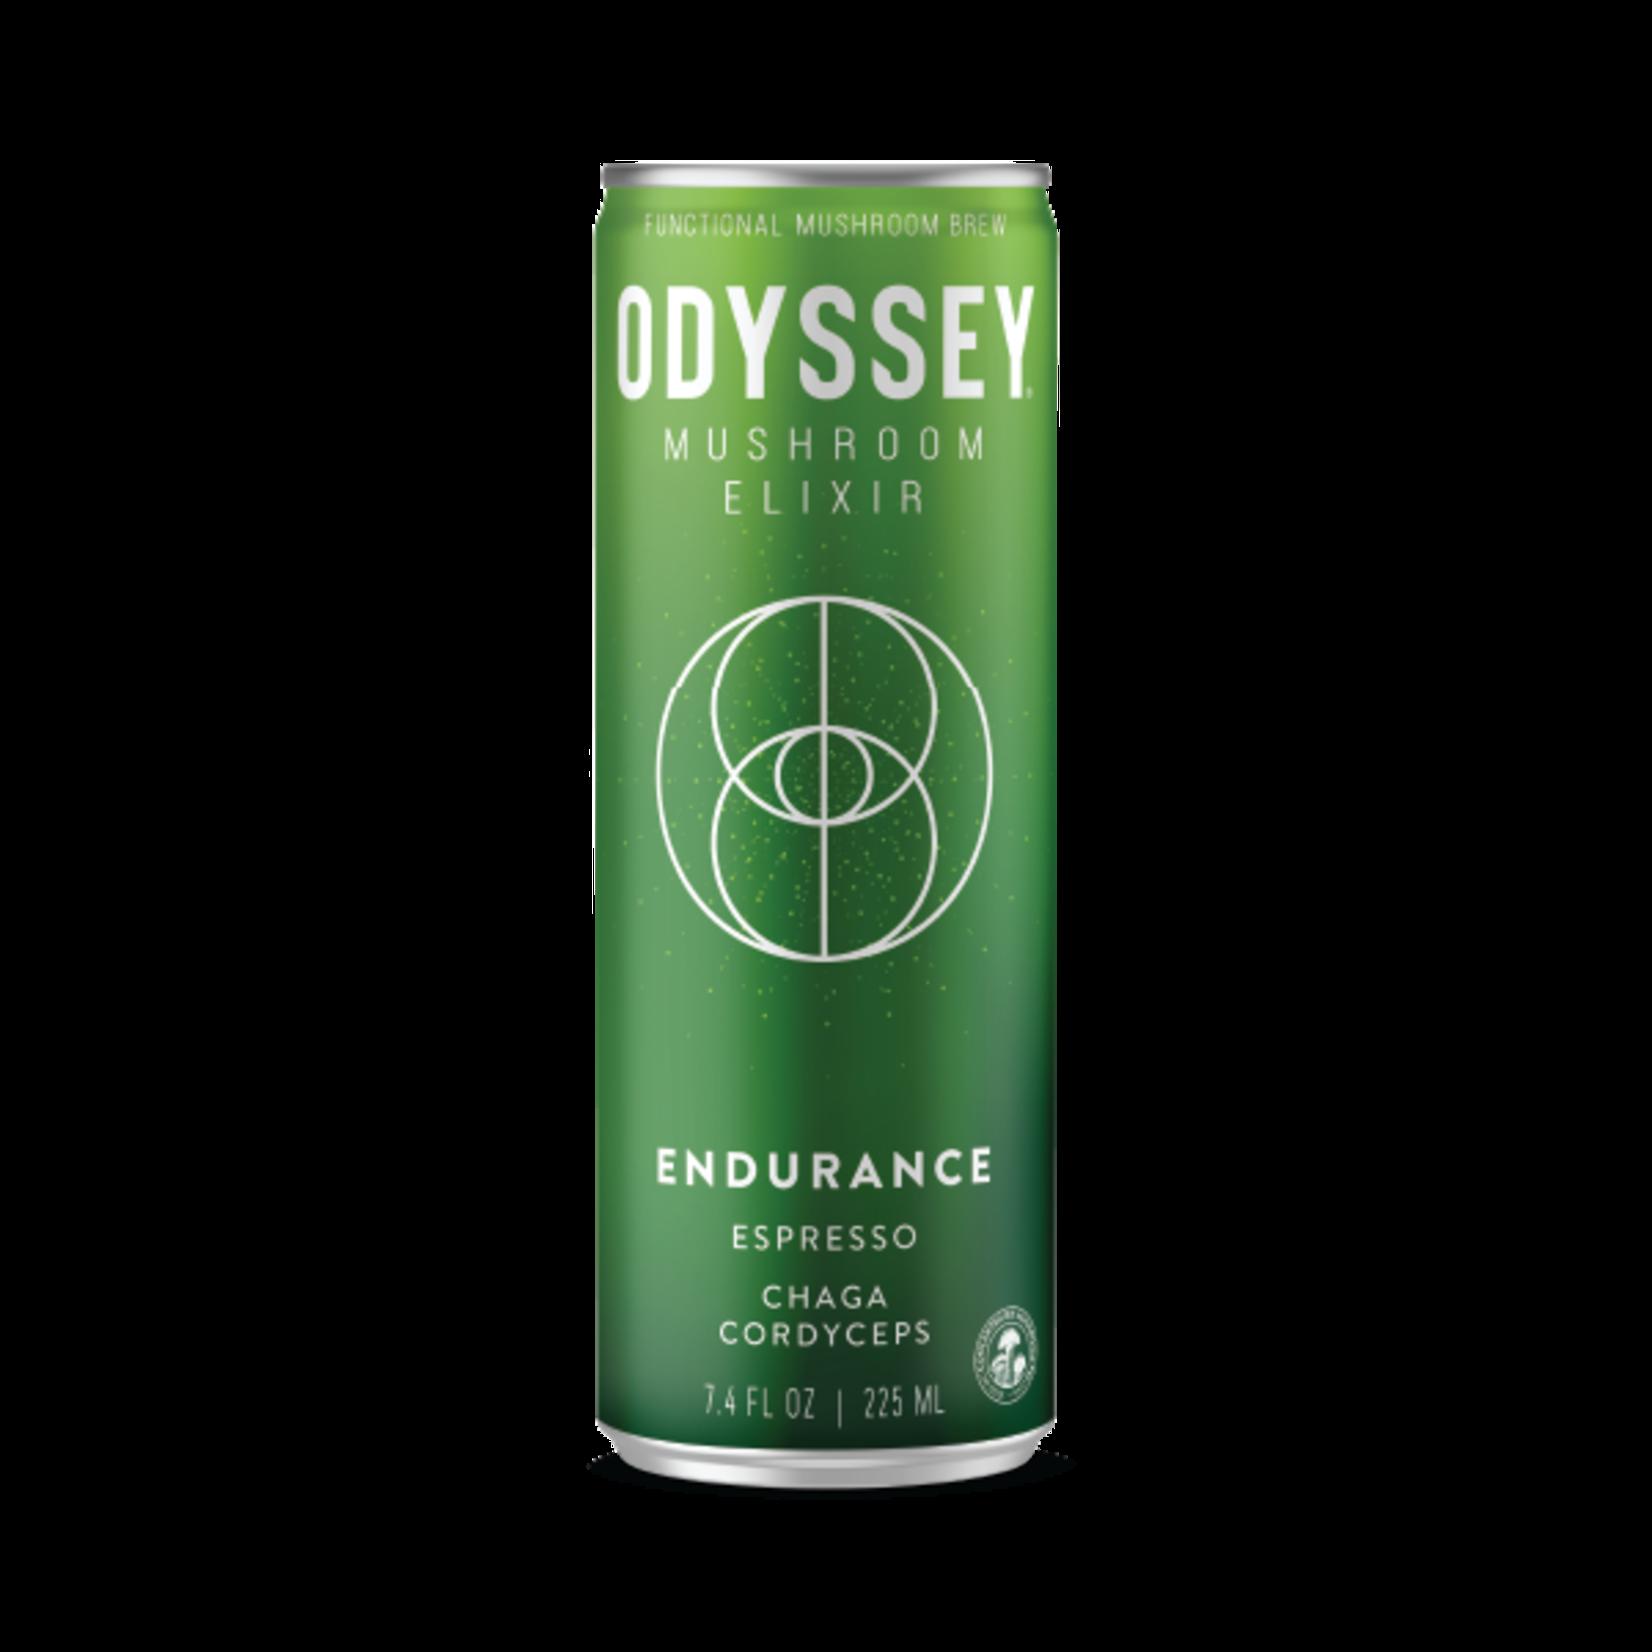 Odyssey Odyssey Mushroom Elixir Endurance Espresso